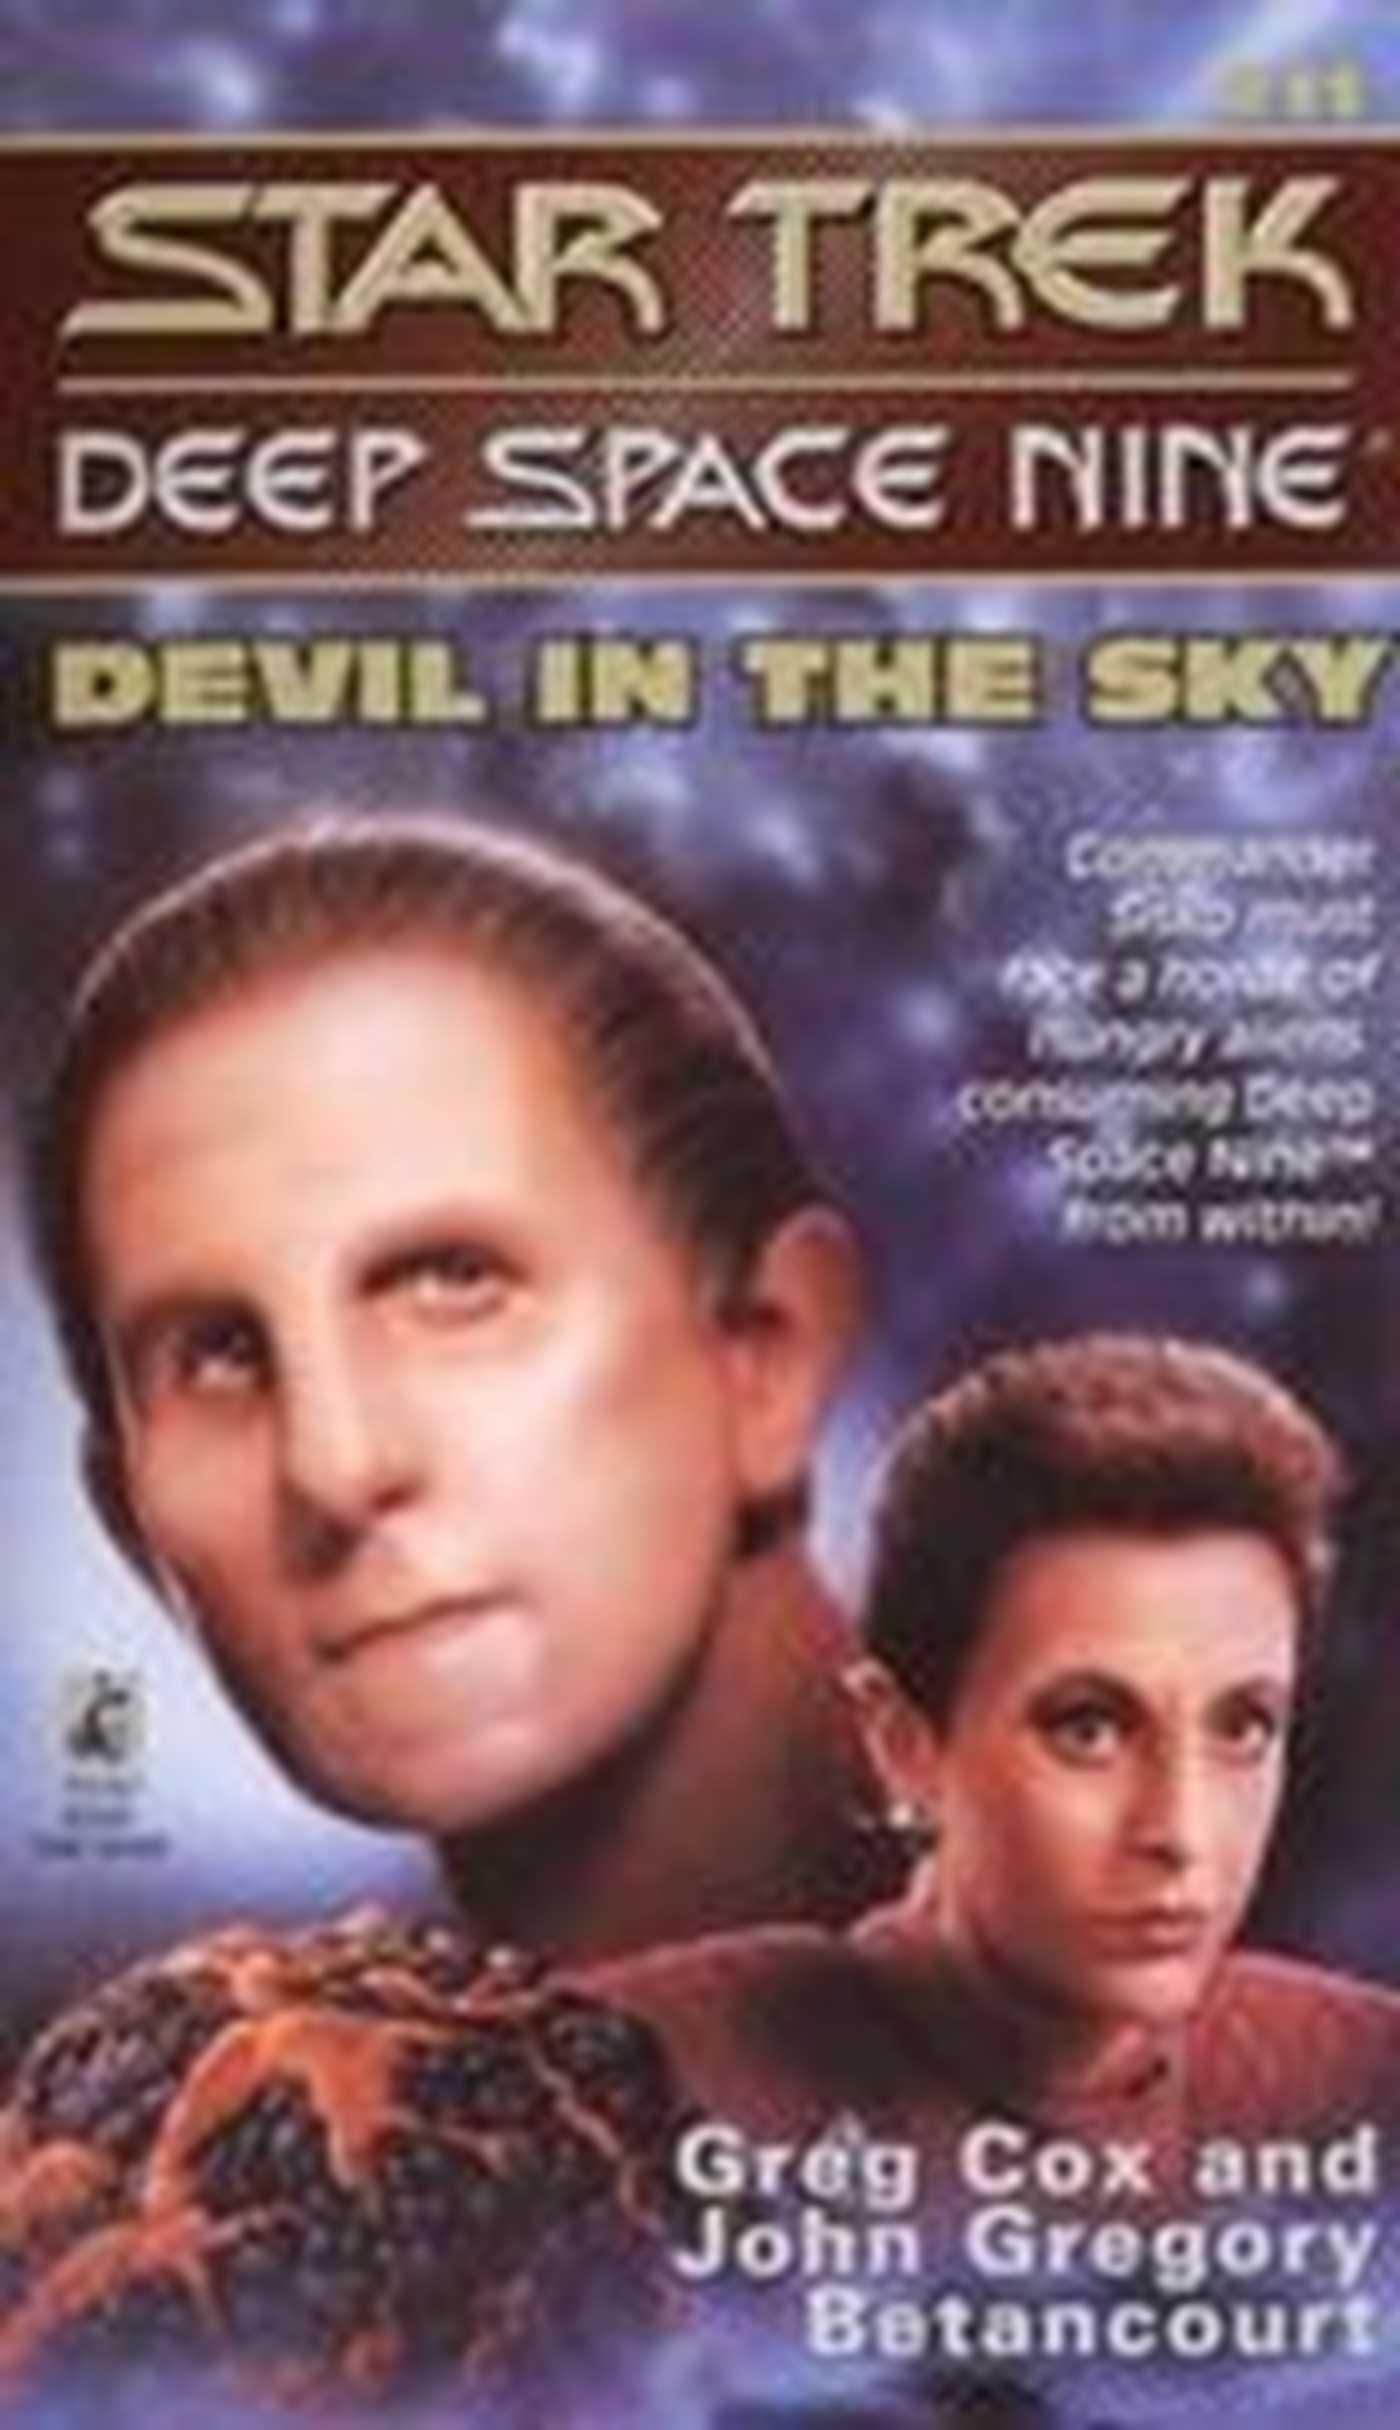 Devil in the sky 9780743420426 hr